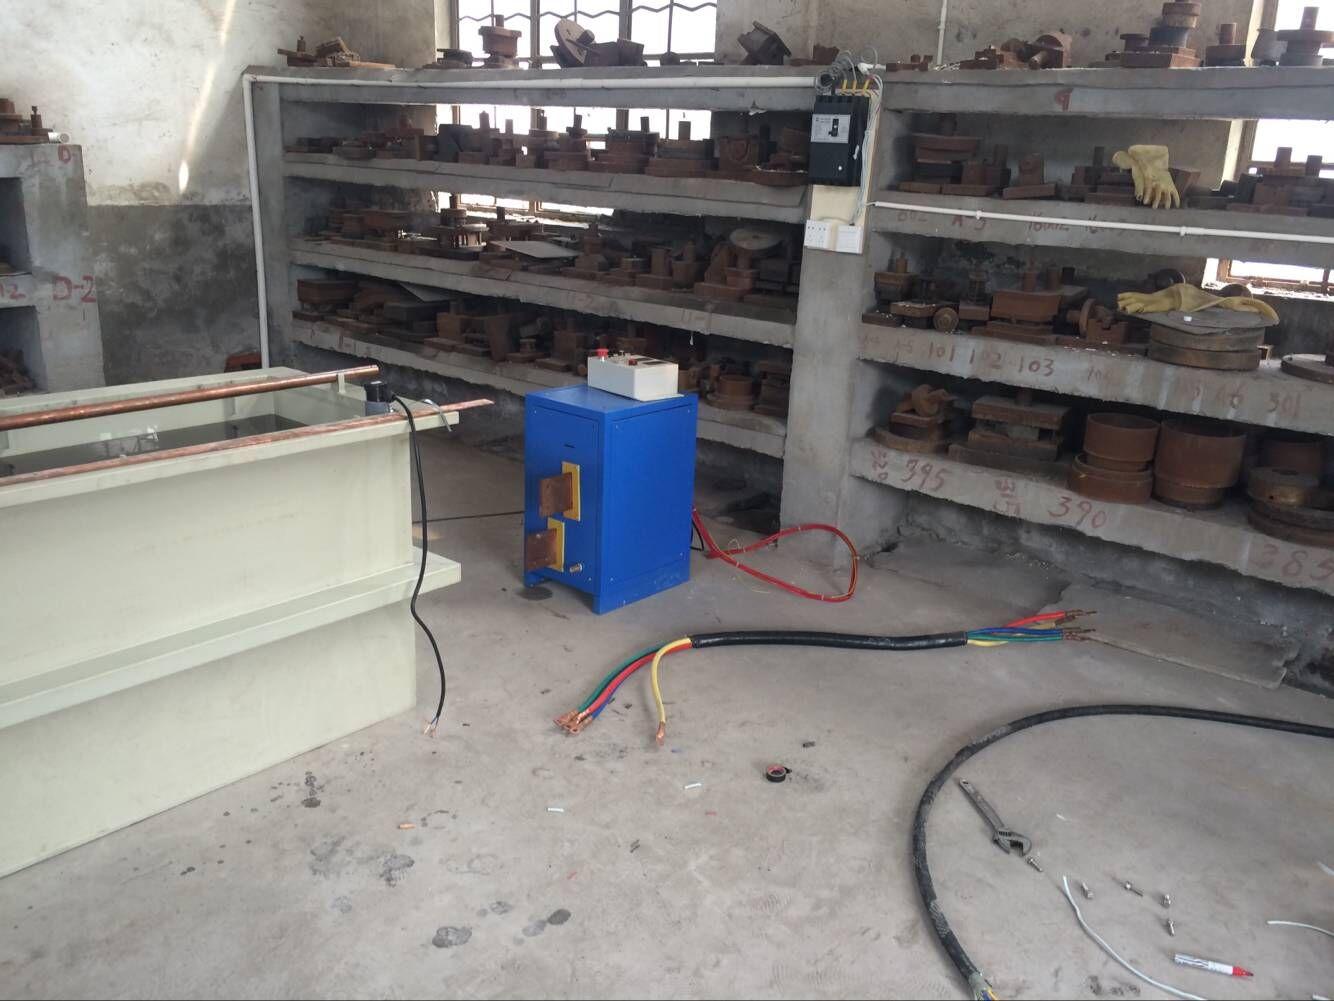 主要特点及性能 电解抛光是以被抛工件为阳极,不溶性金属为阴极,两极同时浸入到电解槽中,通以直流电而产生有选择性的阳极溶解,工件表面逐渐整平,从而达到工件增大表面光亮度的效果。 1、电流规格100A/200A/300A/500A/1000A/1500A/2000A/3000A/5000A/7500A,电压12伏或者15伏。也可以根据用户实际情况定制。 2、主机采用高频整流,含有时间、电流、电压、温控、摇摆设定及数字显示。含有过热及短路保护装置。 3、本设备采用流水线设计方式,非常便于实际操作,大大提高生产效